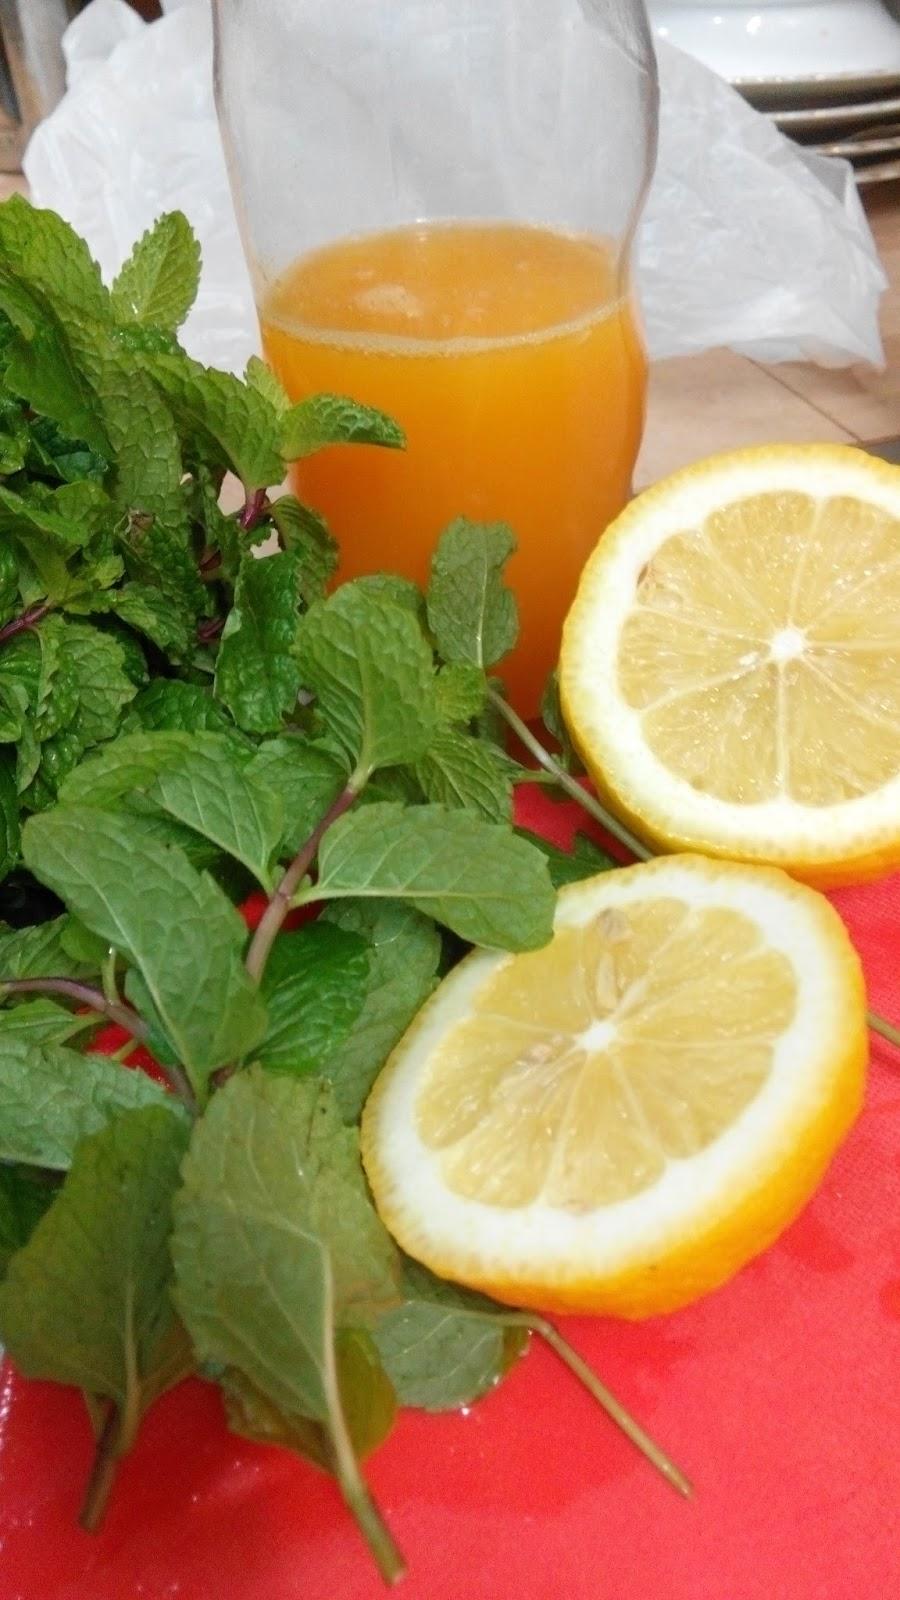 6 Manfaat Infused Water Lemon Bagi Tubuh, Tren Sehat Favorit Banyak Orang